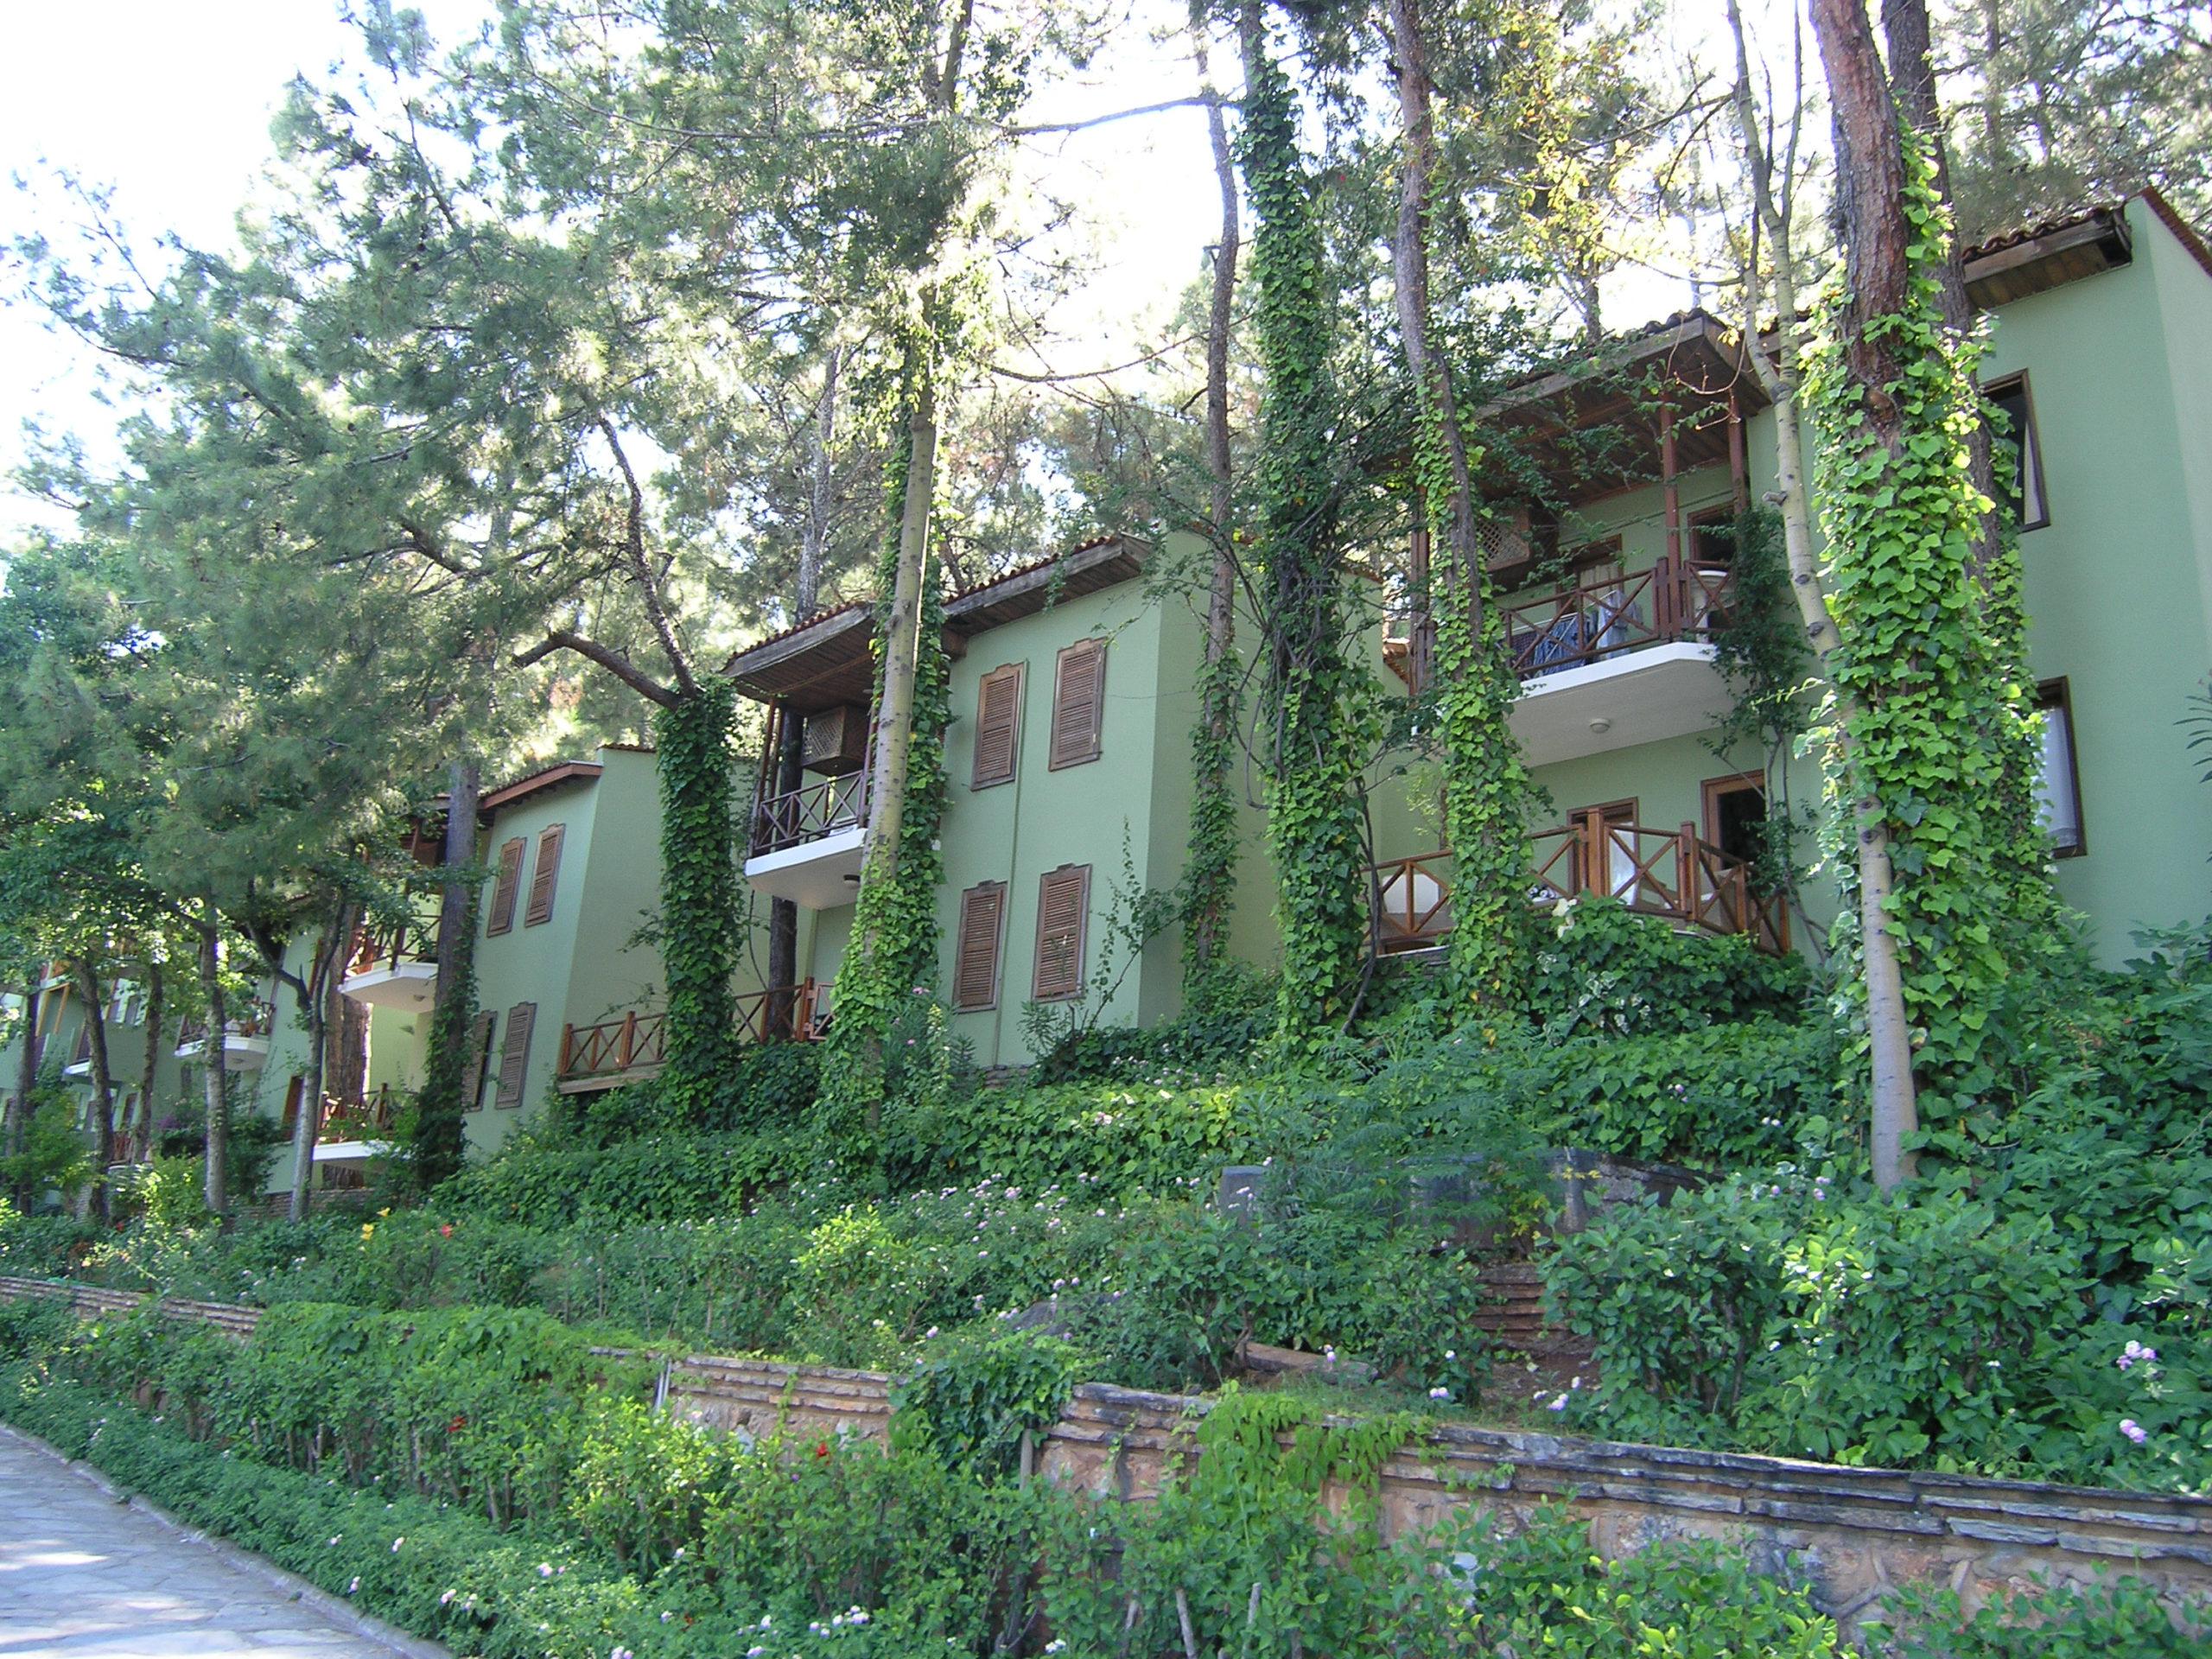 Zielone budynki i drzewa